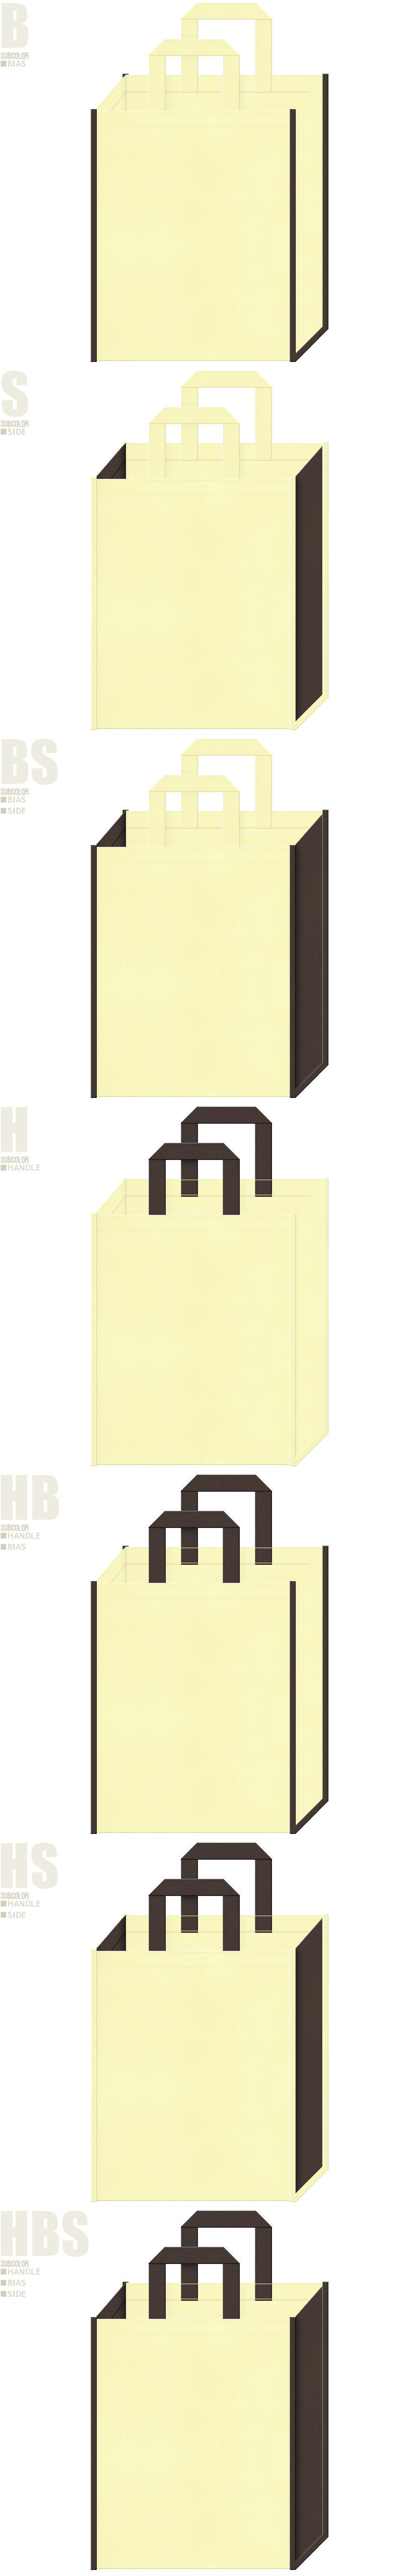 チョコクッキー・スイーツ・お菓子・石窯パン・ベーカリー・カフェにお奨めの不織布バッグデザイン:薄黄色とこげ茶色の配色7パターン。